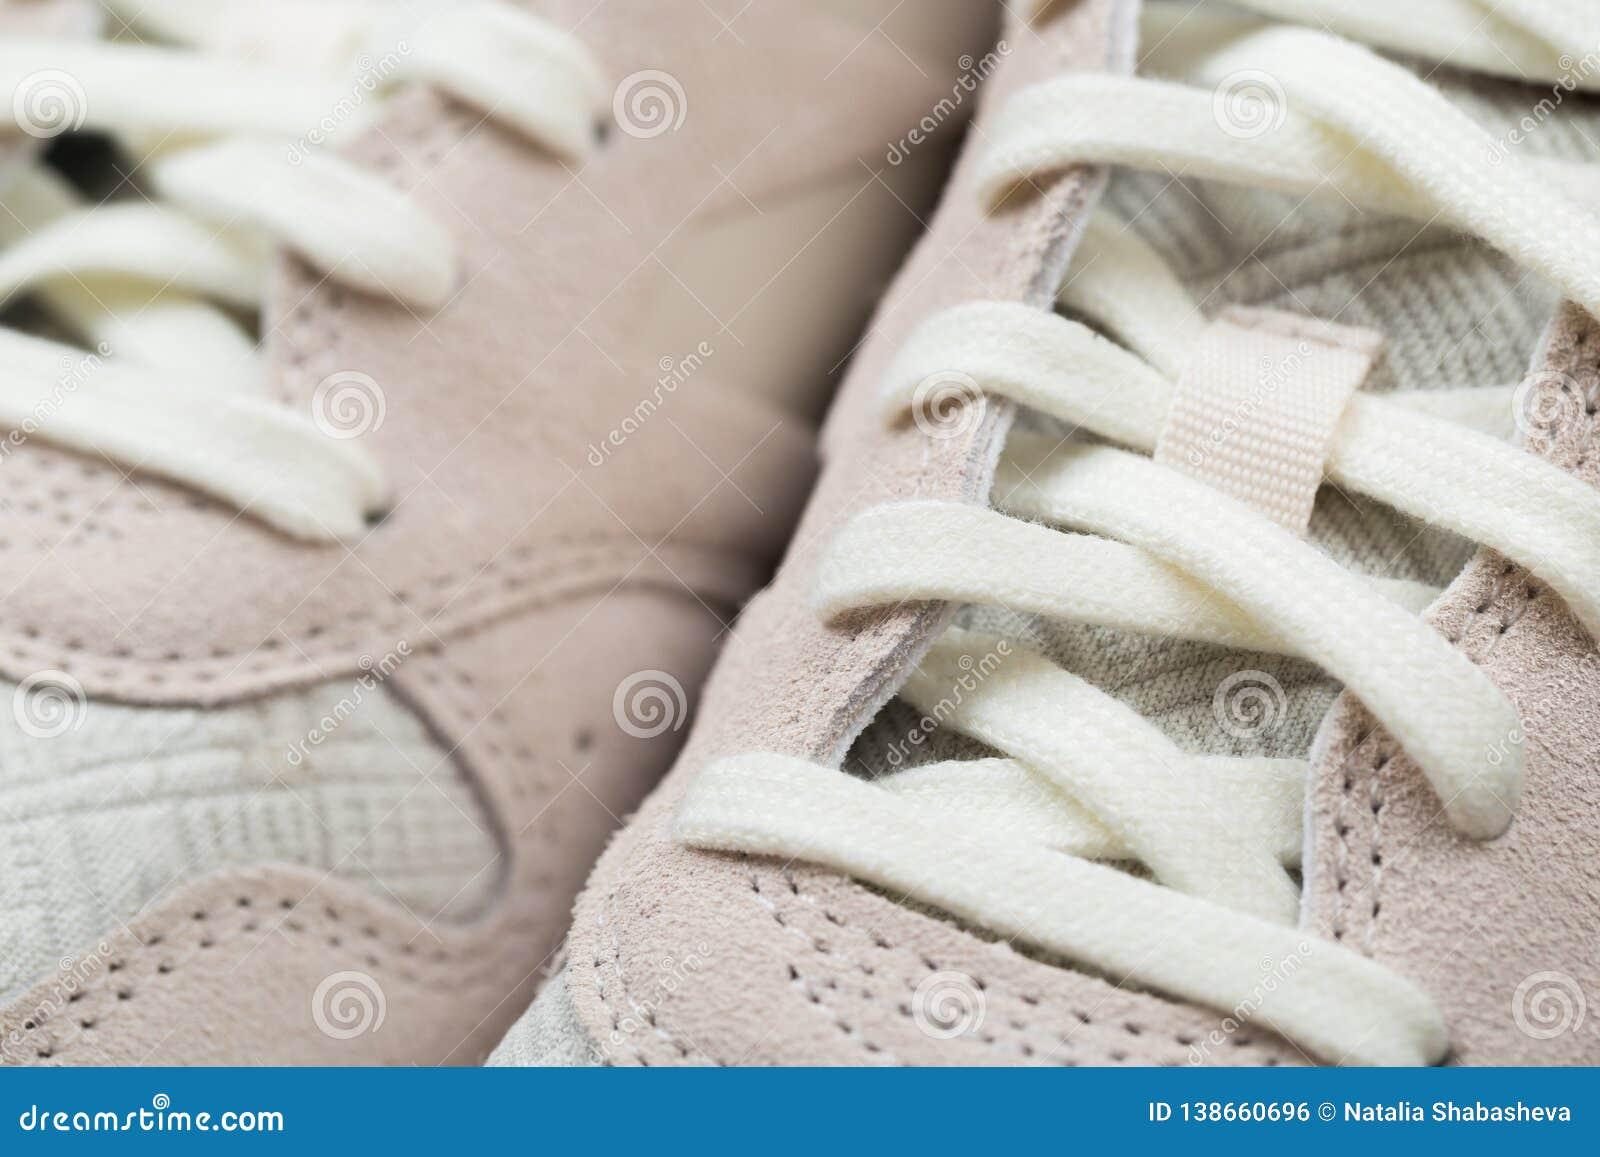 Αθλητικά παπούτσια με τις άσπρες δαντέλλες